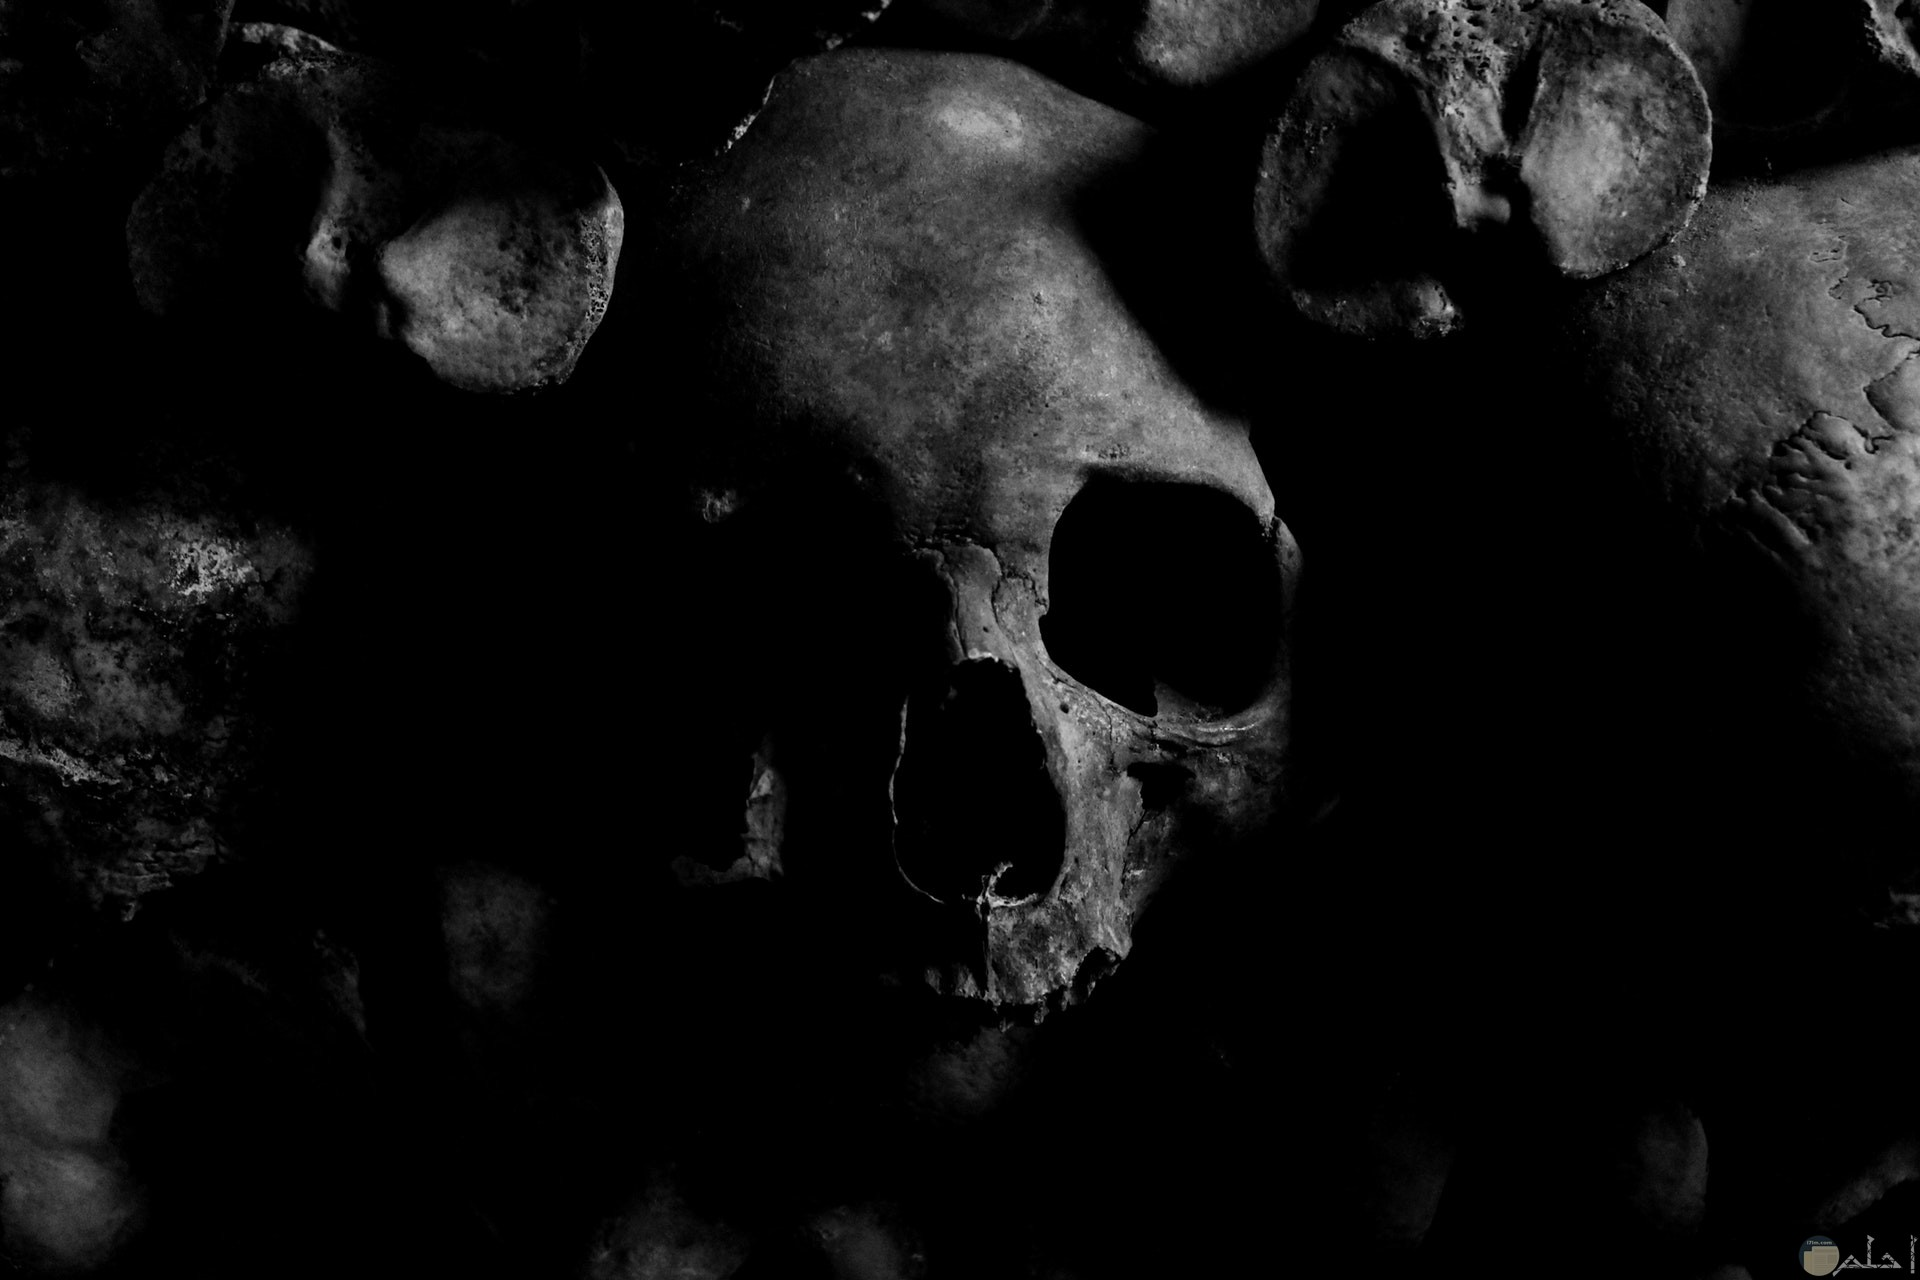 صورة مرعبة لشكل جمجمة مخيفة مع خلفية مخيفة